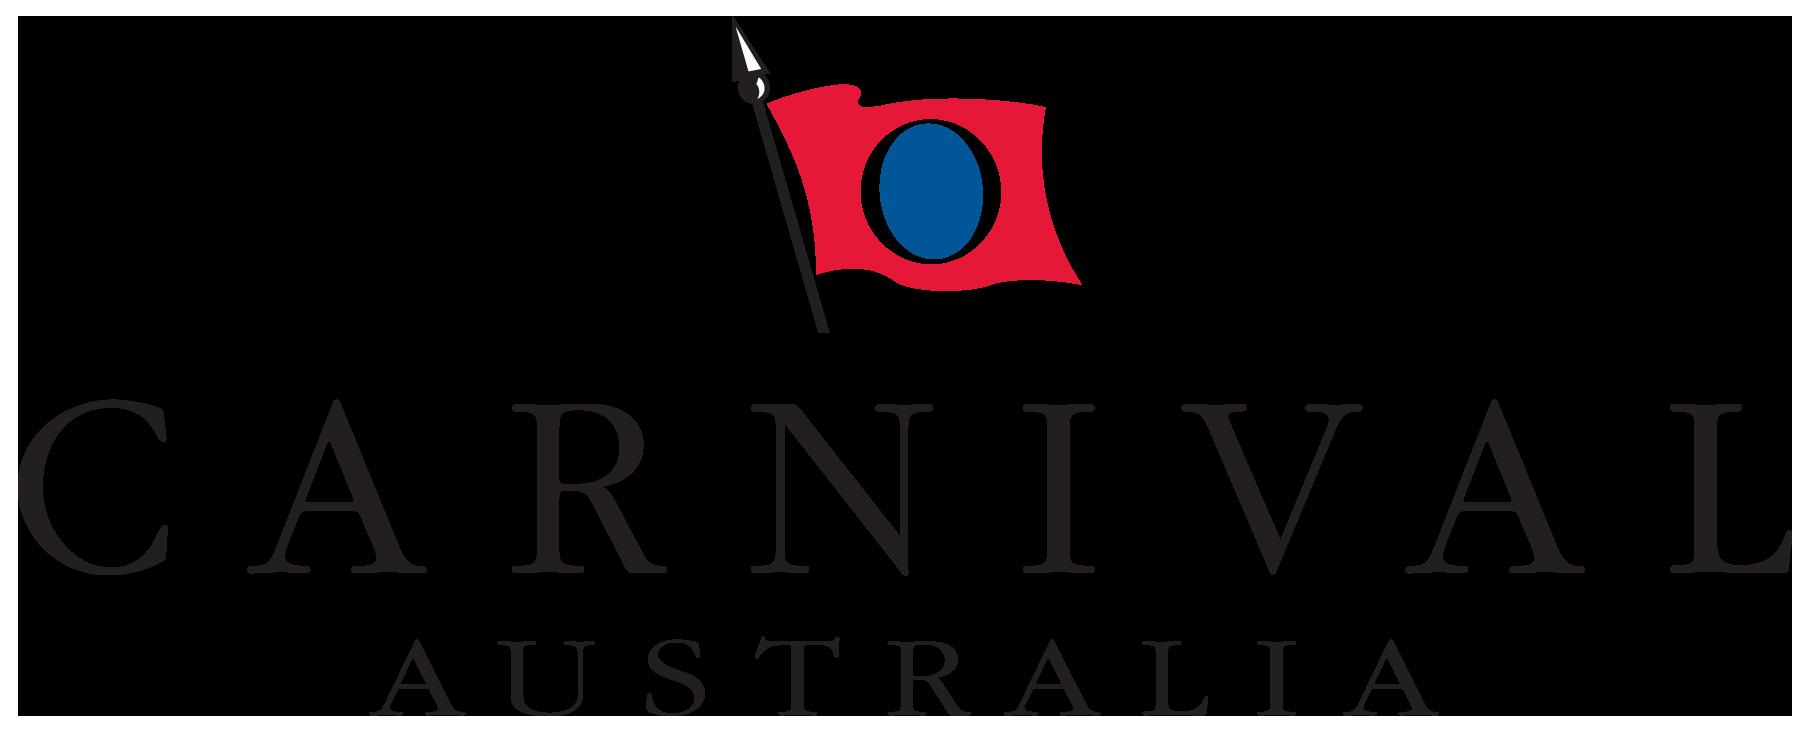 carnival-australia-logo copy.png